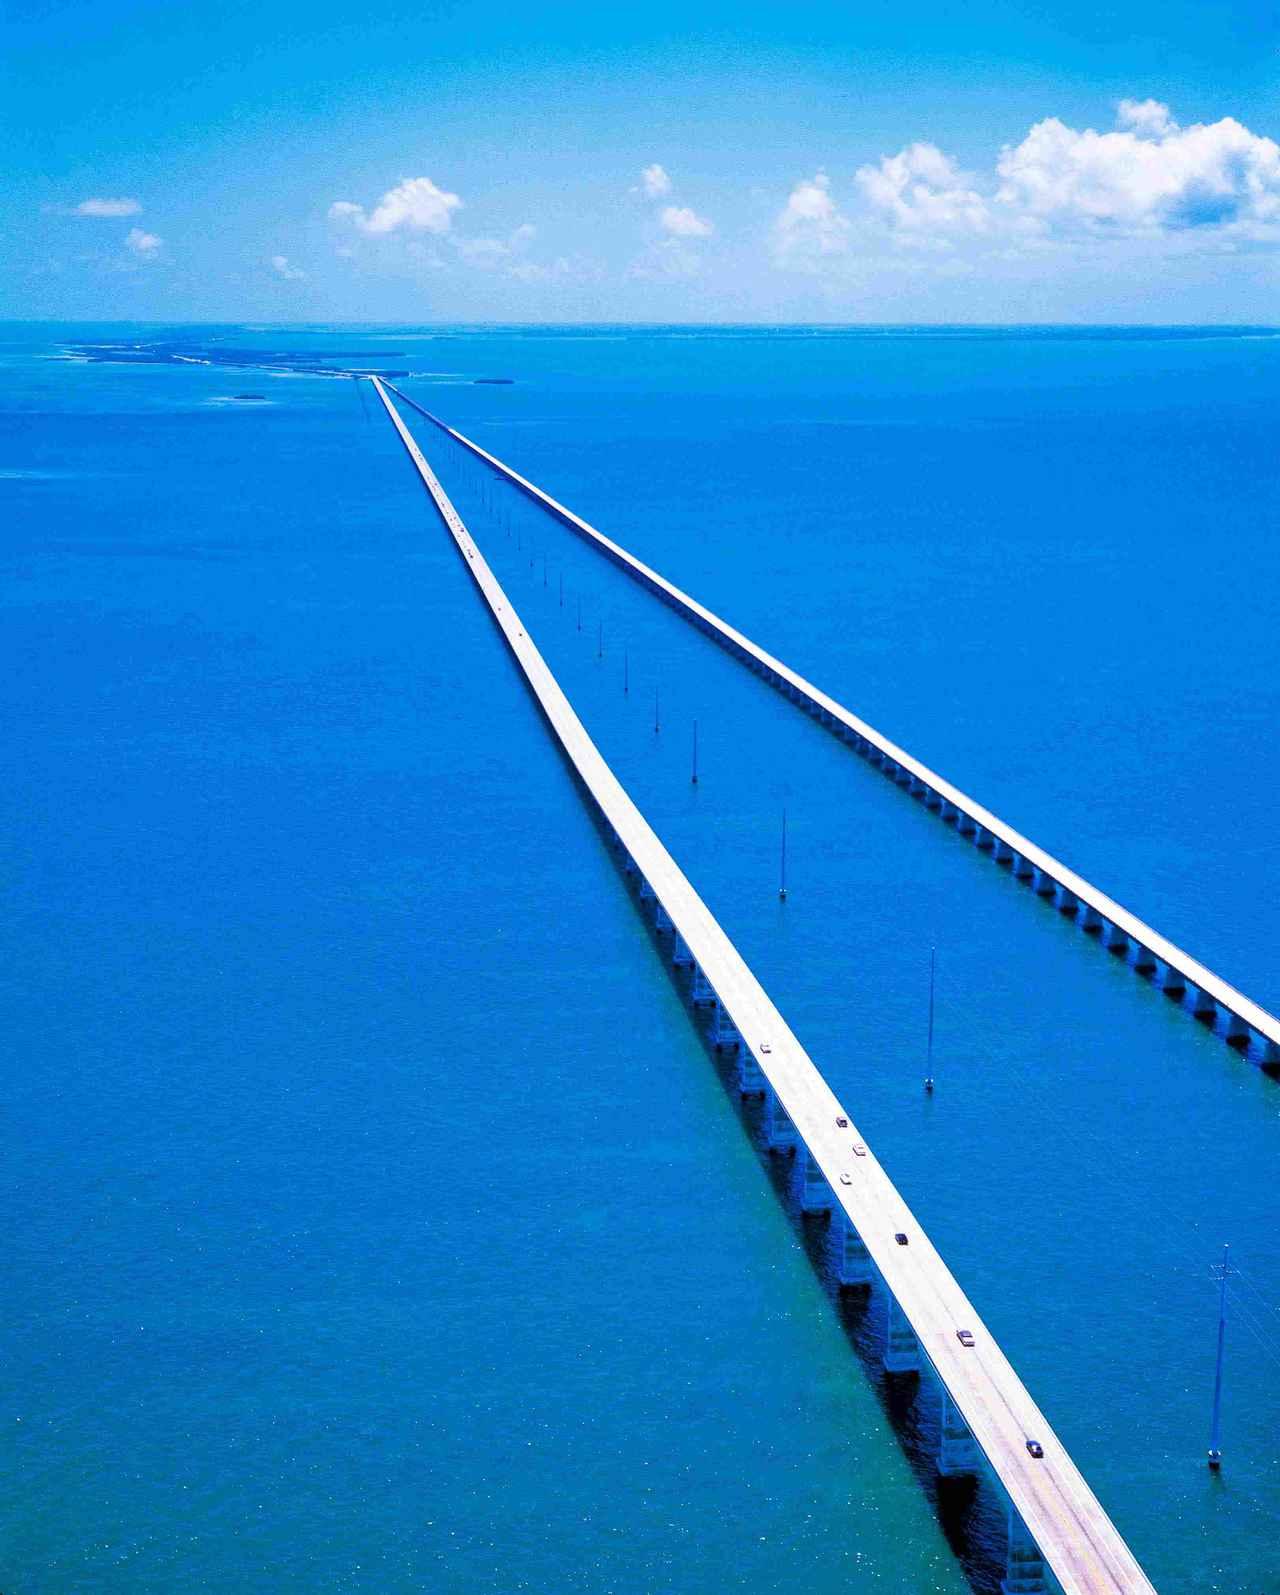 画像: 『2月5日出発・催行決定!憧れの太陽と海の楽園へ はじめてのフロリダ周遊 8日間』 クラブツーリズム